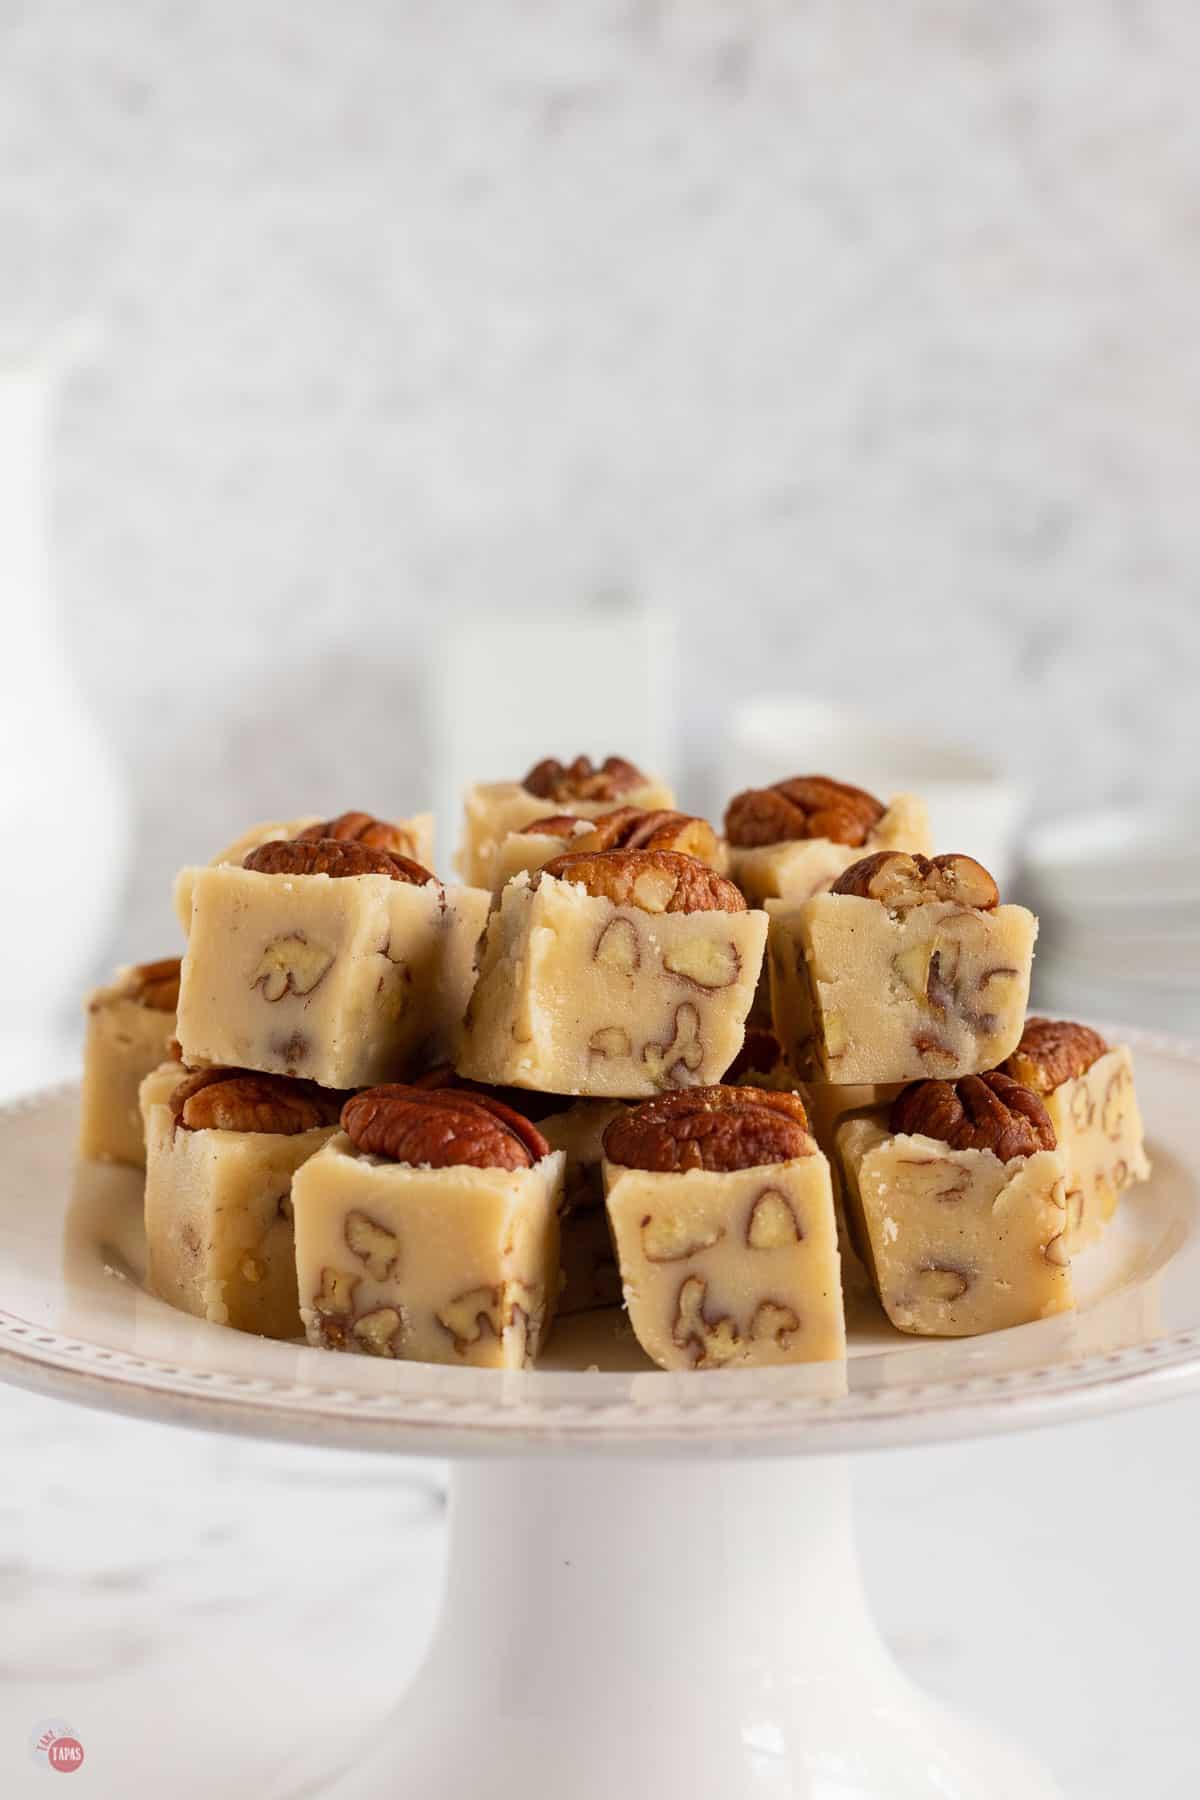 tray of fudge